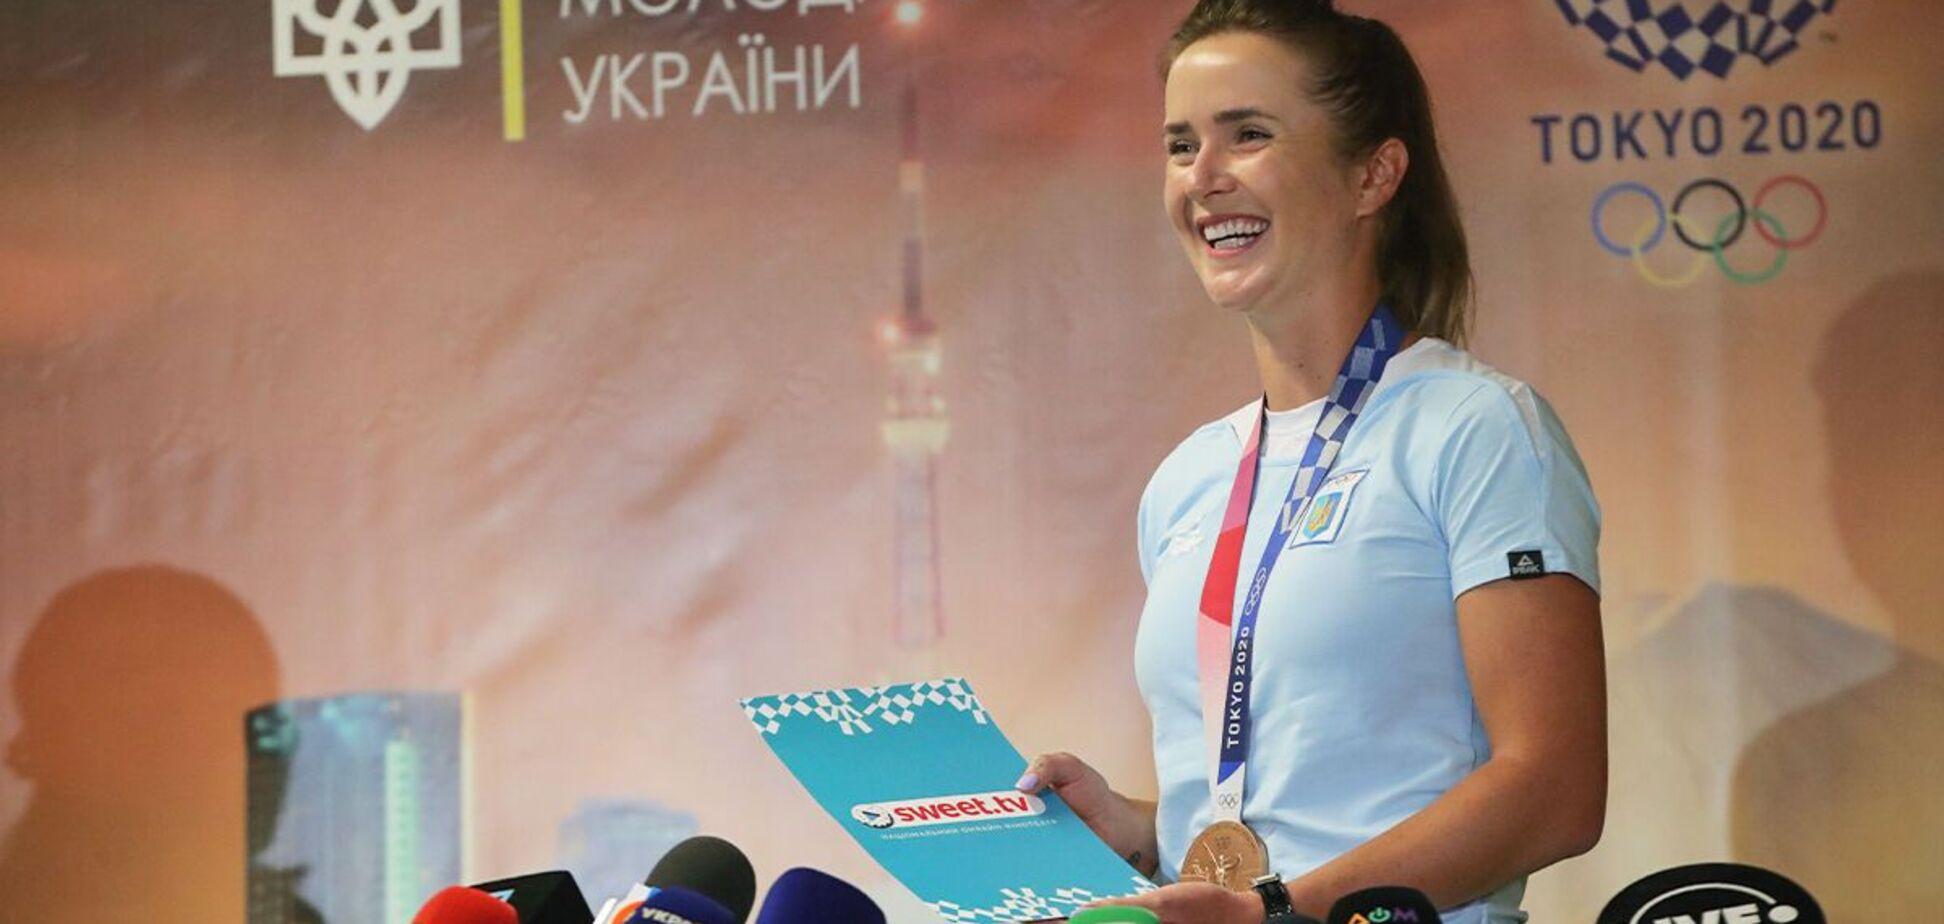 Украина на Олимпиаде в Токио: результаты и записи соревнований